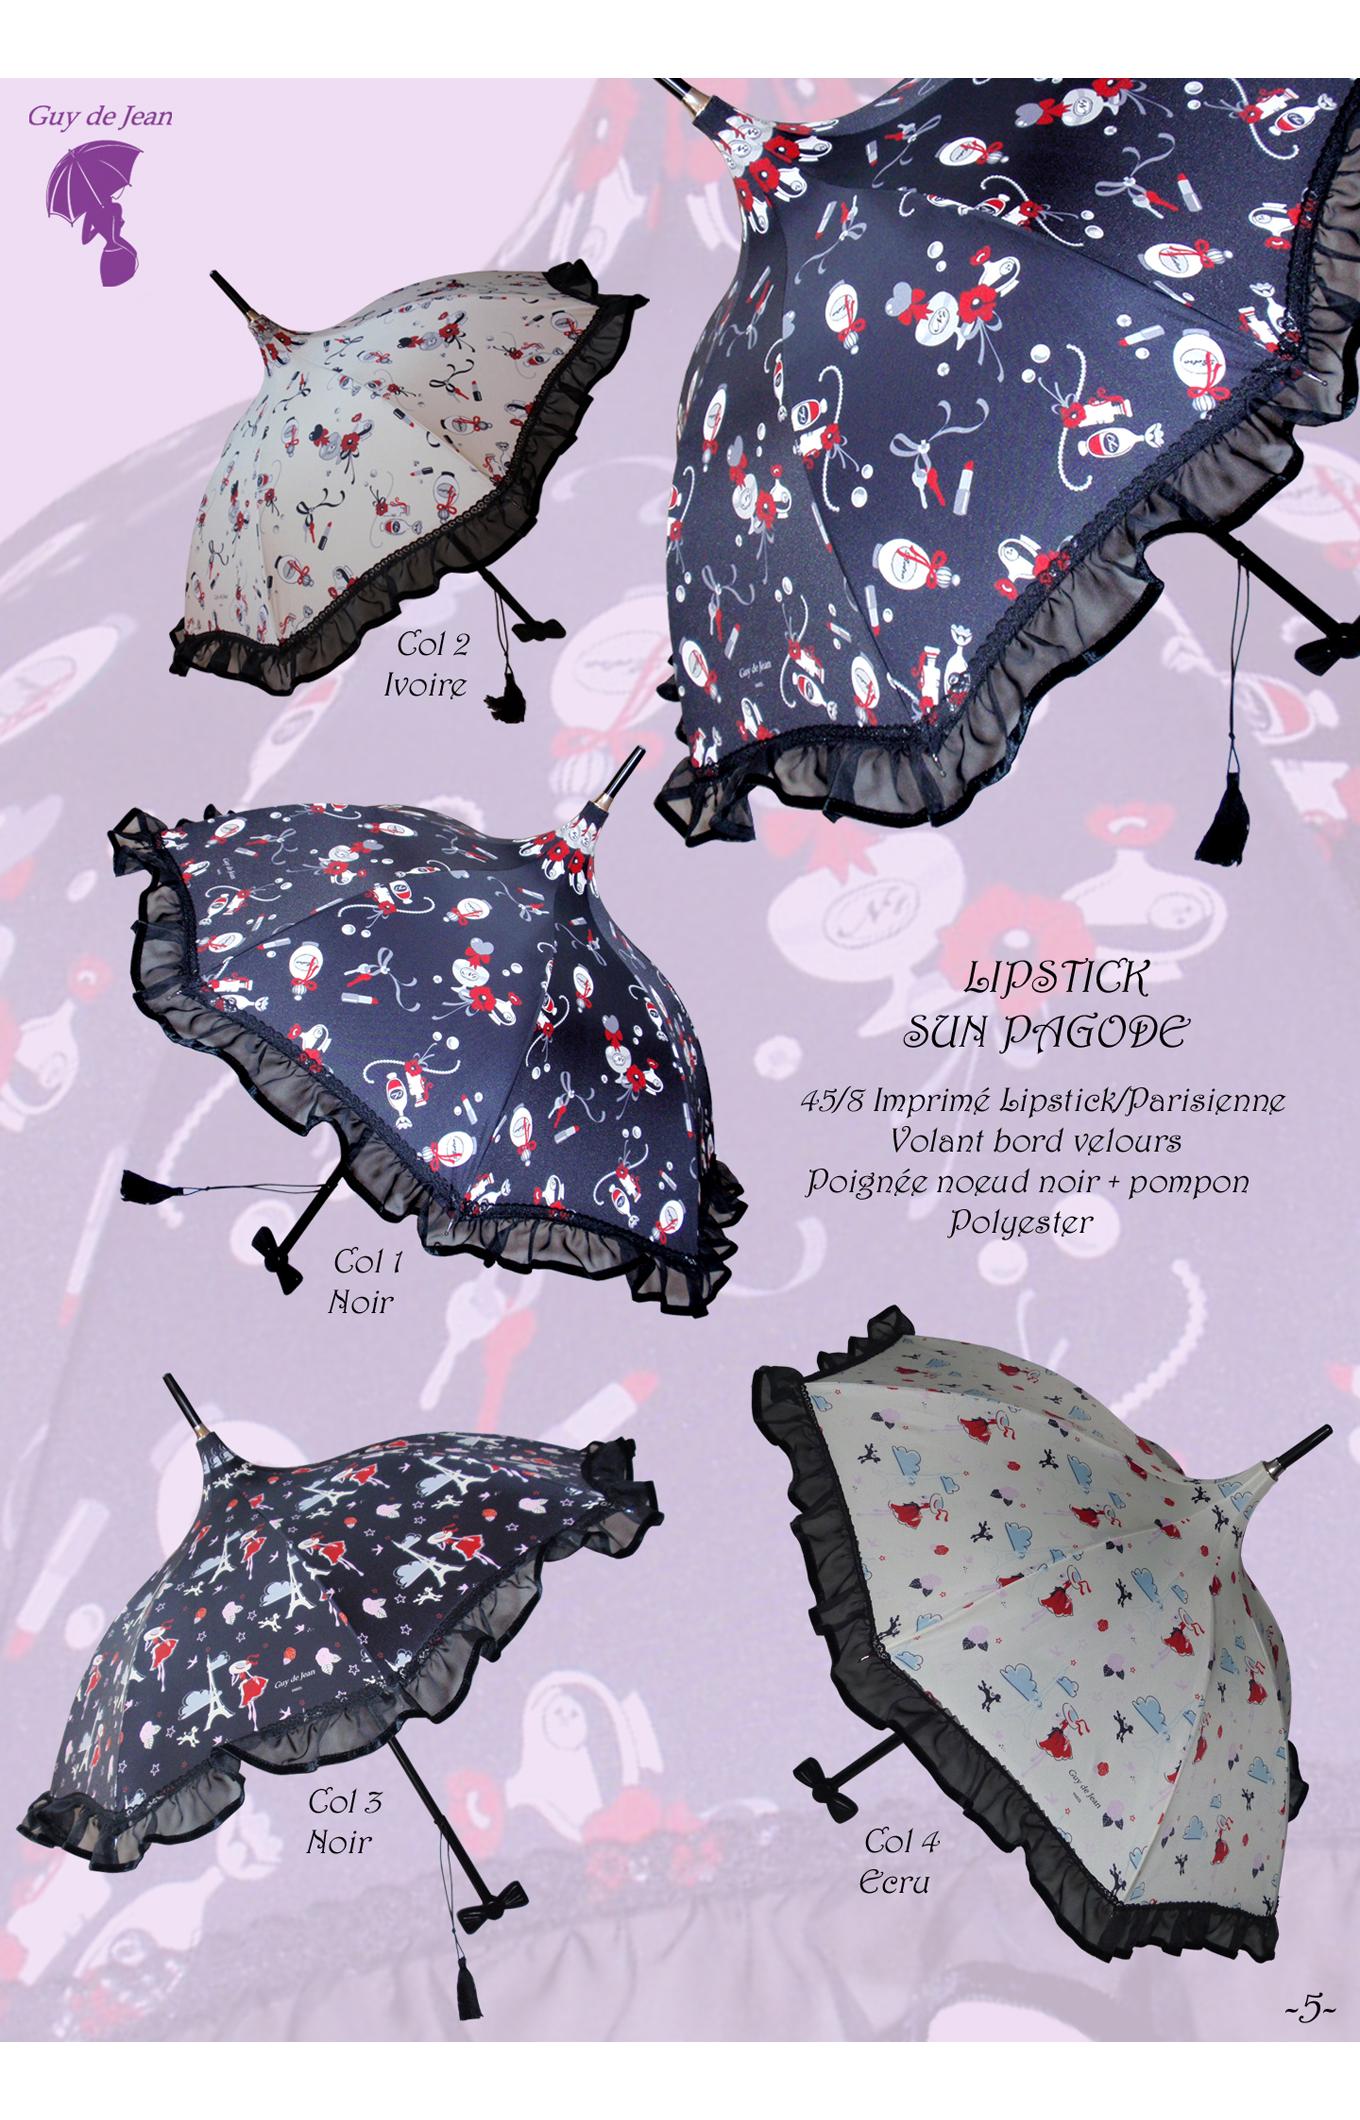 Guy de Jean <br>Umbrella 04